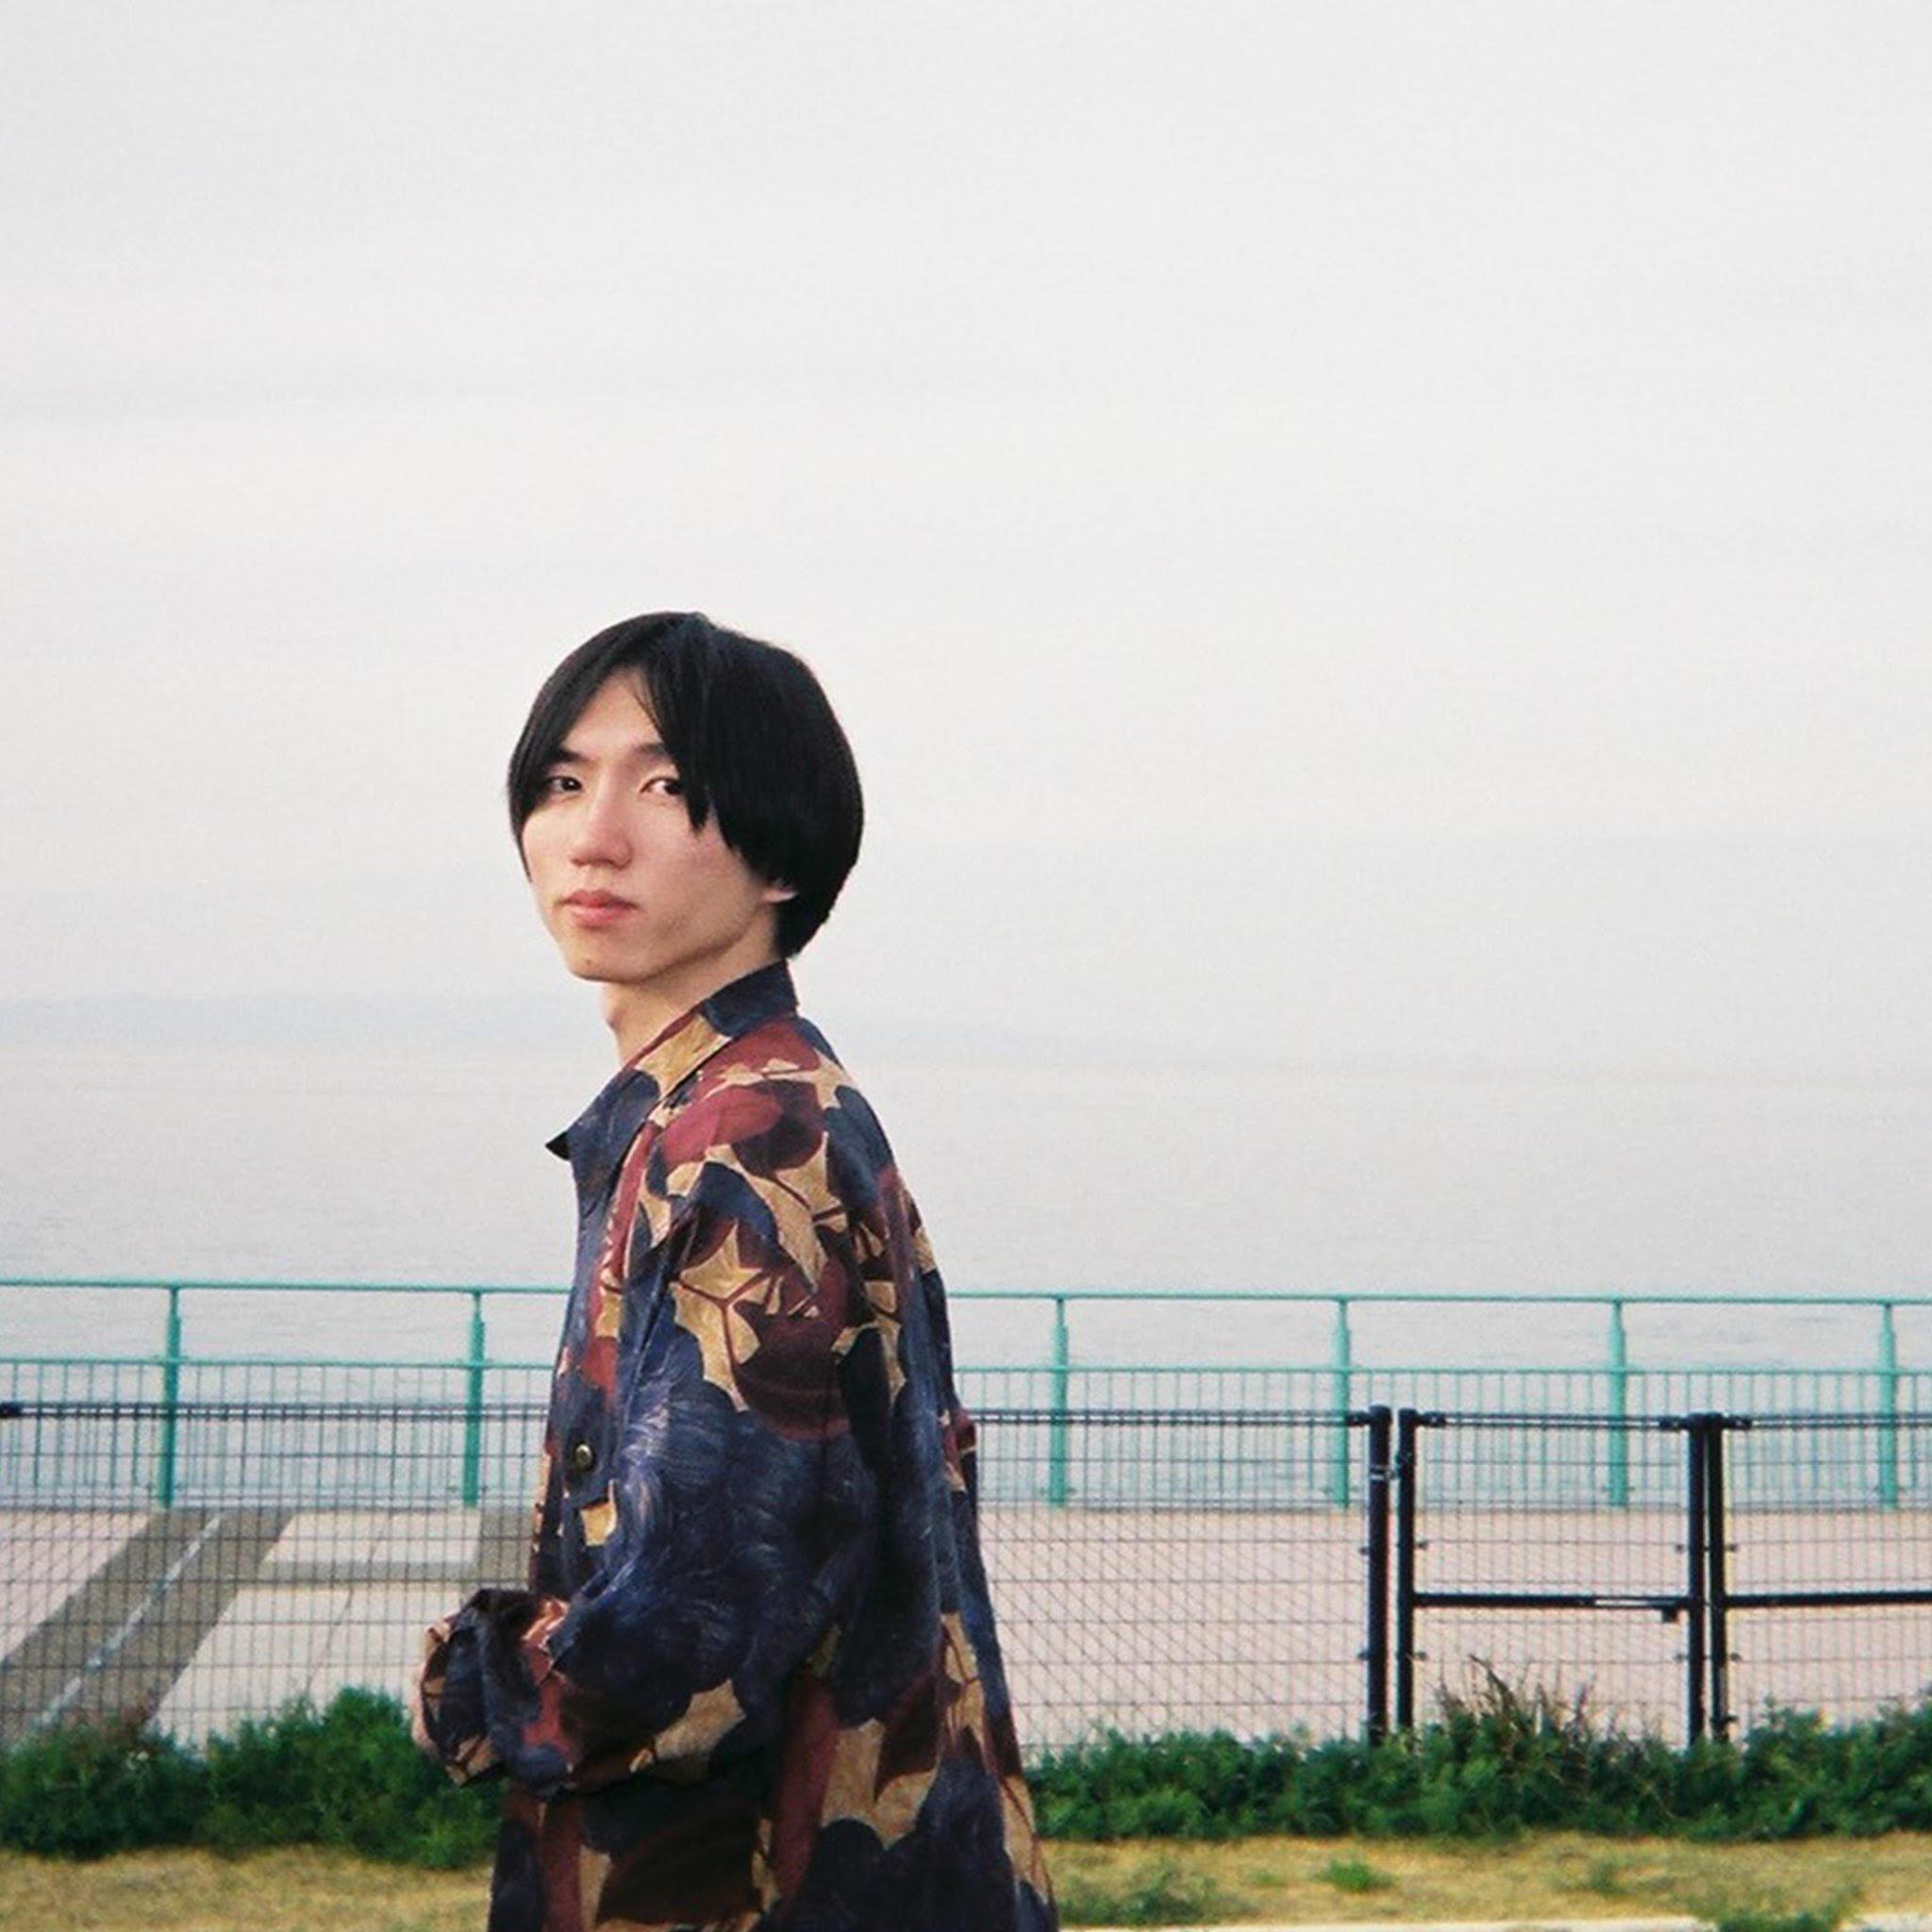 若田 勇輔